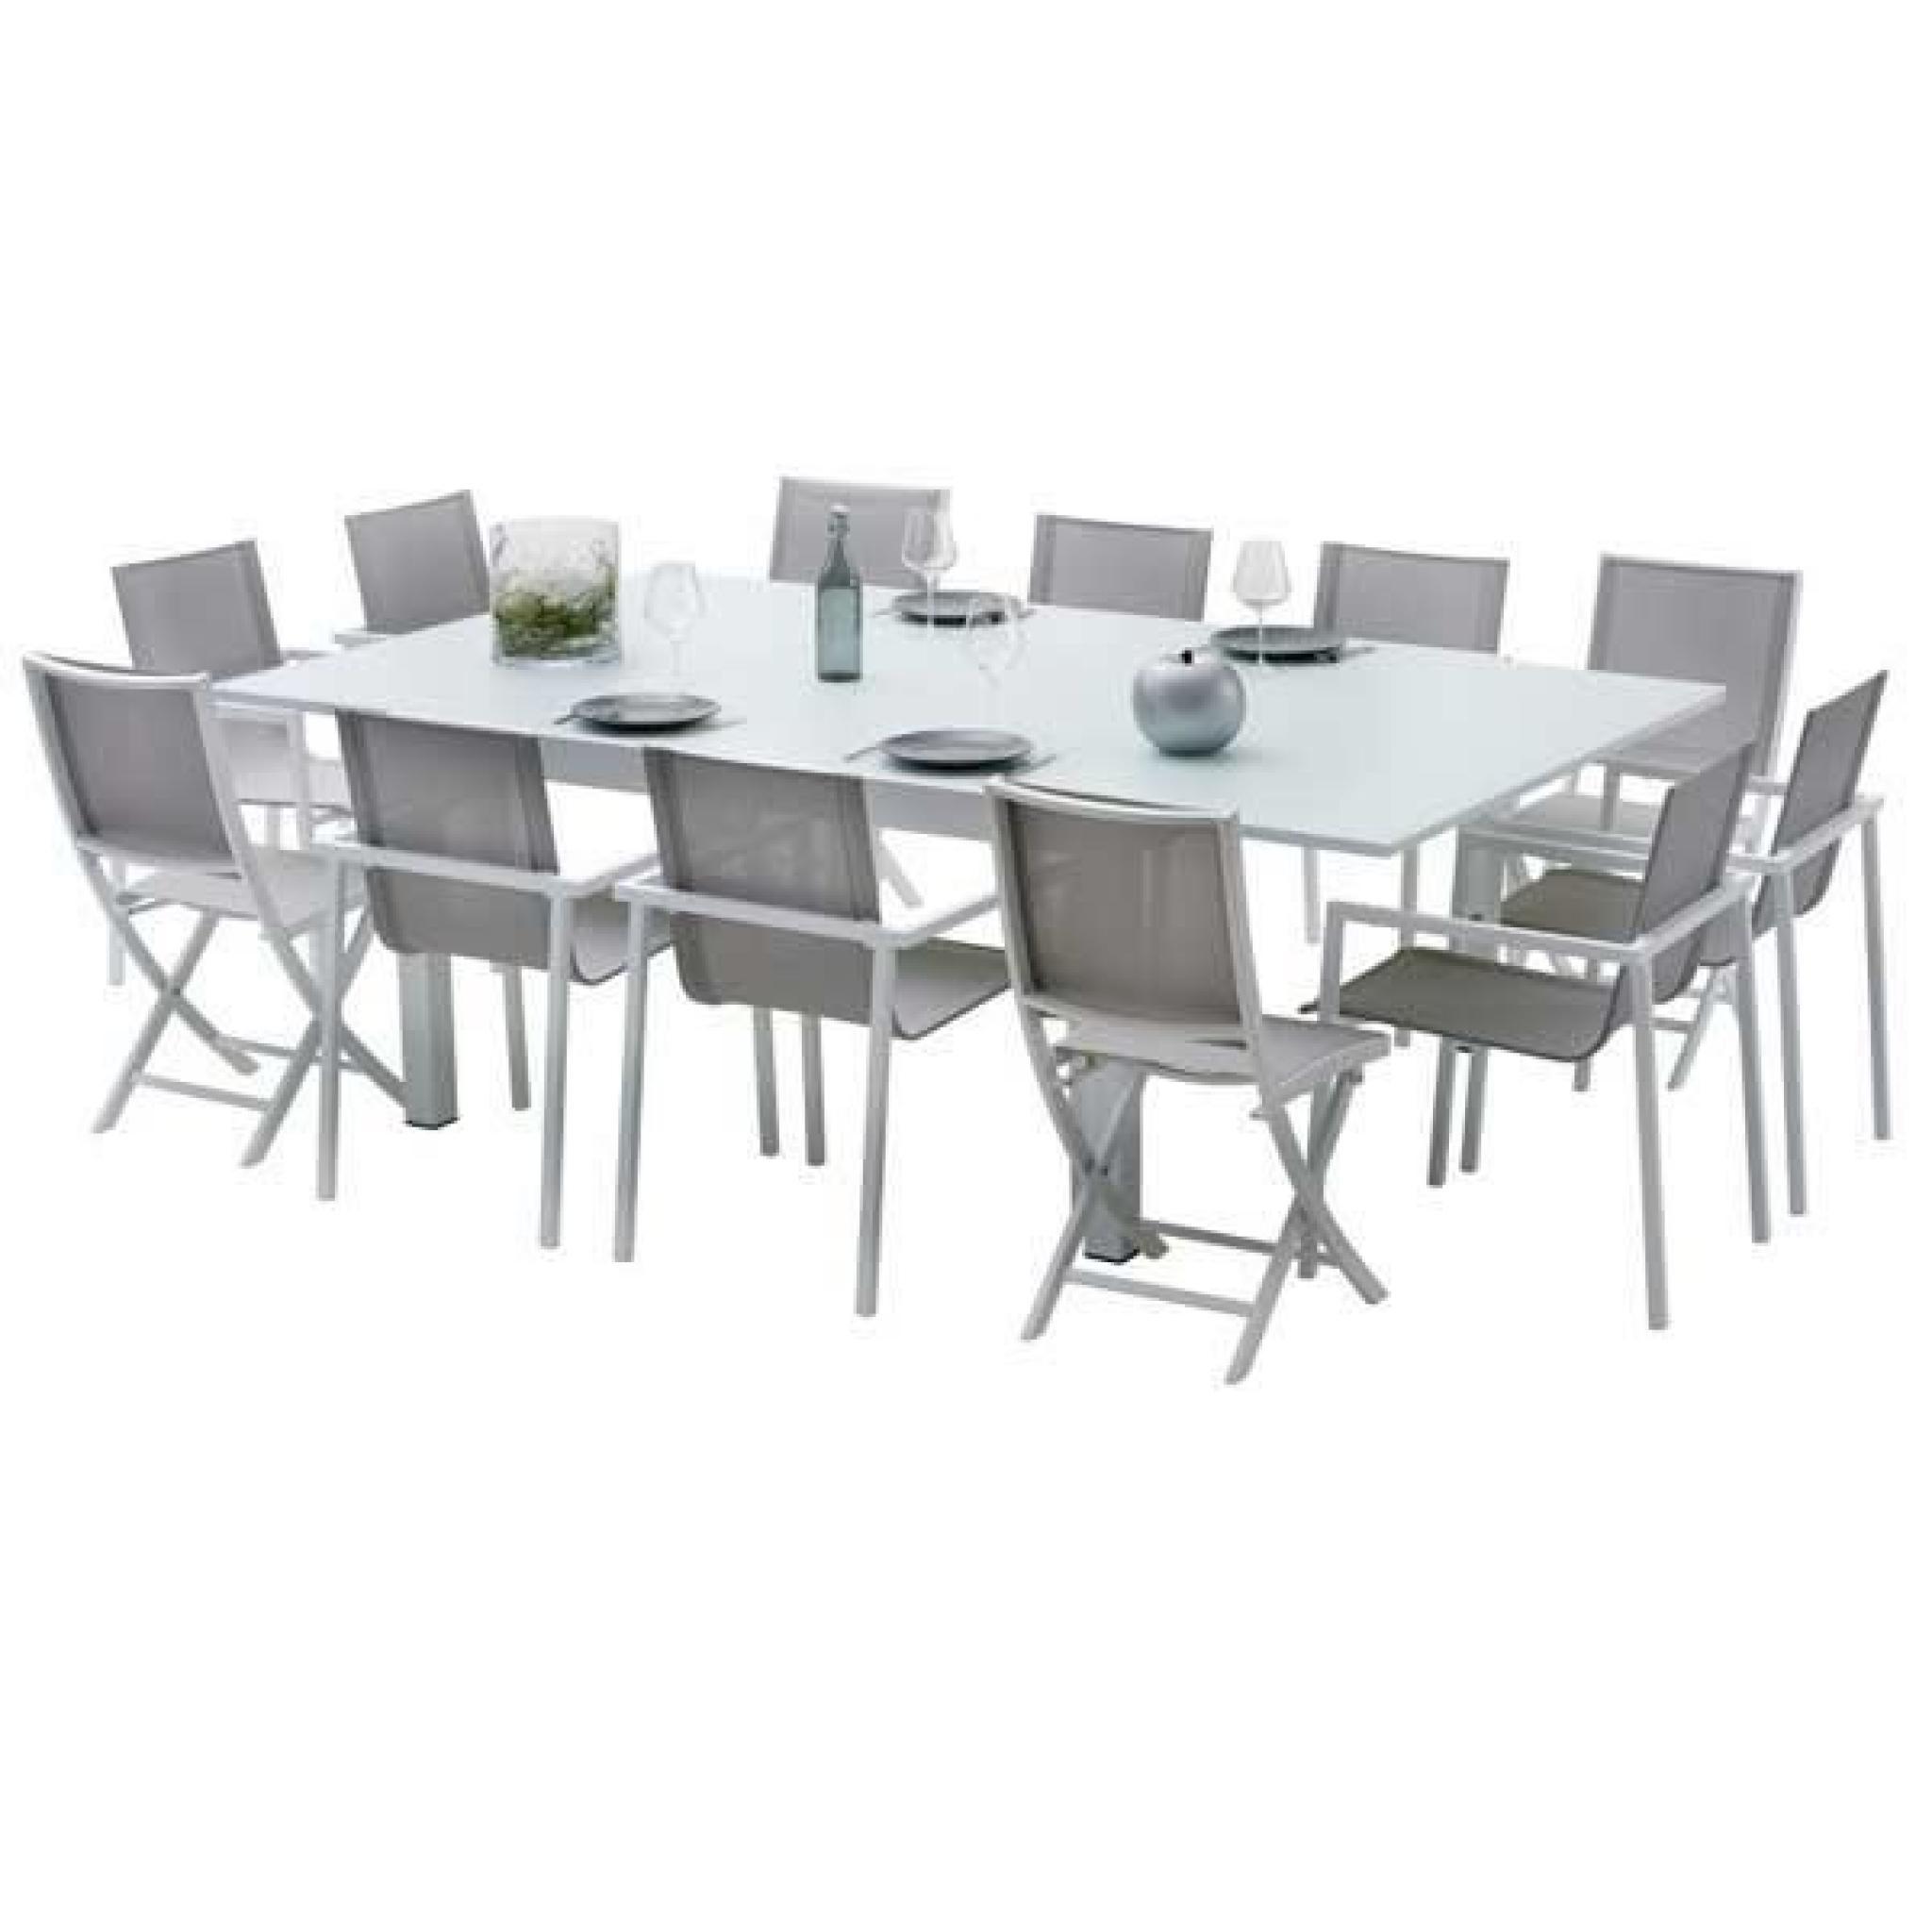 Ensemble Table Et Chaises De Jardin Extensibles Carre Whitestar 8 Places intérieur Ensemble Table Et Chaise De Jardin Pas Cher